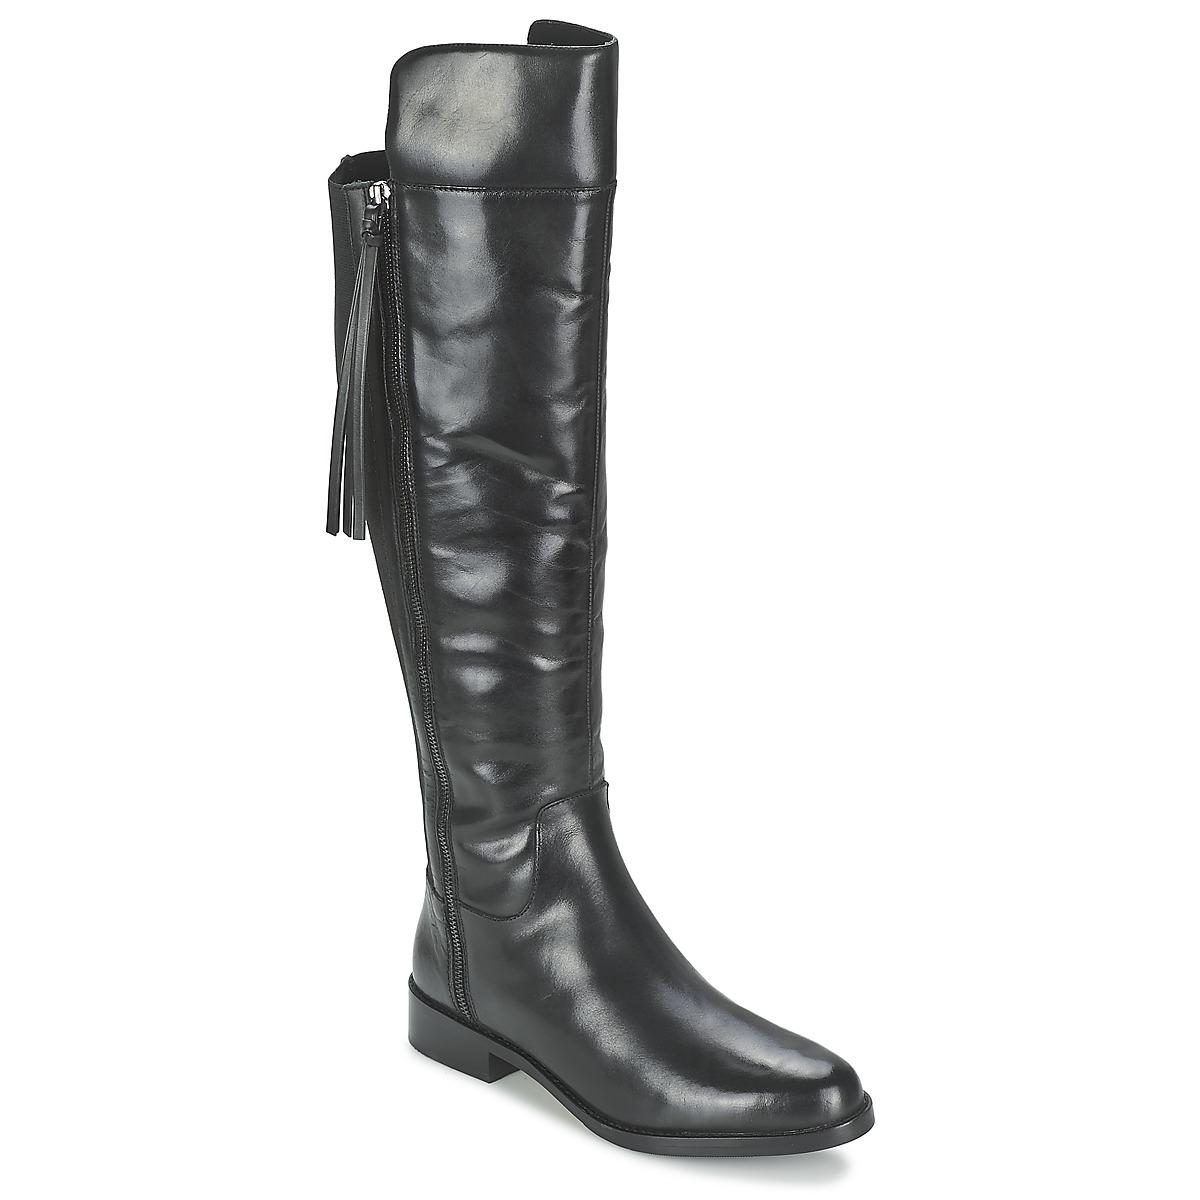 French Connection GREGGIE Schwarz - Kostenloser Versand bei Spartoode ! - Schuhe Klassische Stiefel Damen 114,50 €